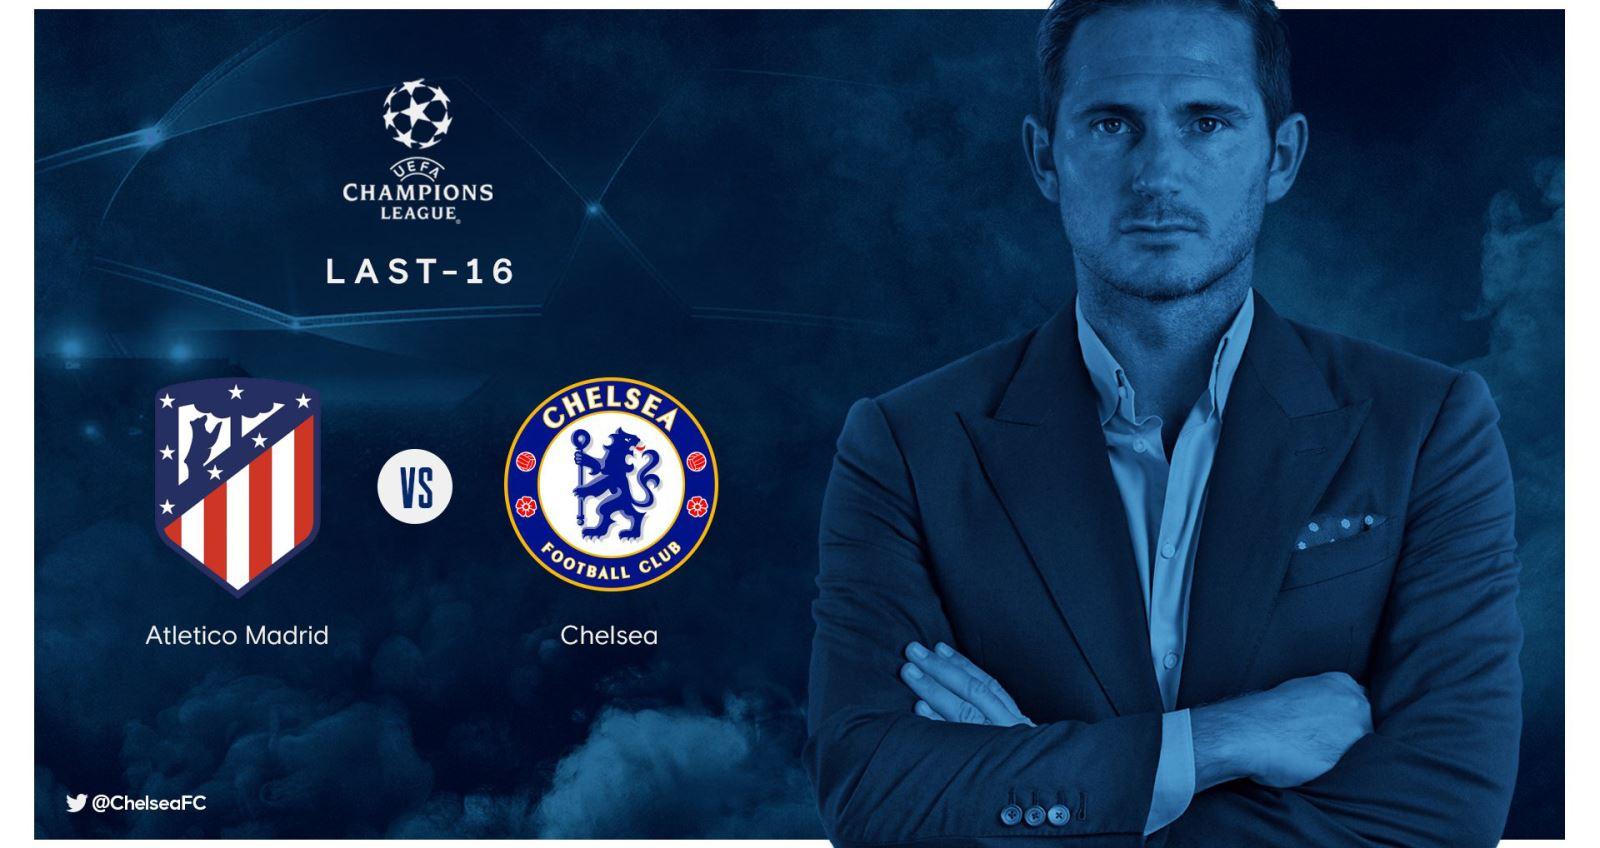 bóng đá, bong da, Cúp C1, Bốc thăm vòng 1/8, C1/Champions League, Cúp C1, kết quả bốc thăm C1, K+PM, kết quả lễ bốc thăm C1, vòng 1/8 Champions League, truc tiep bong da hom nay